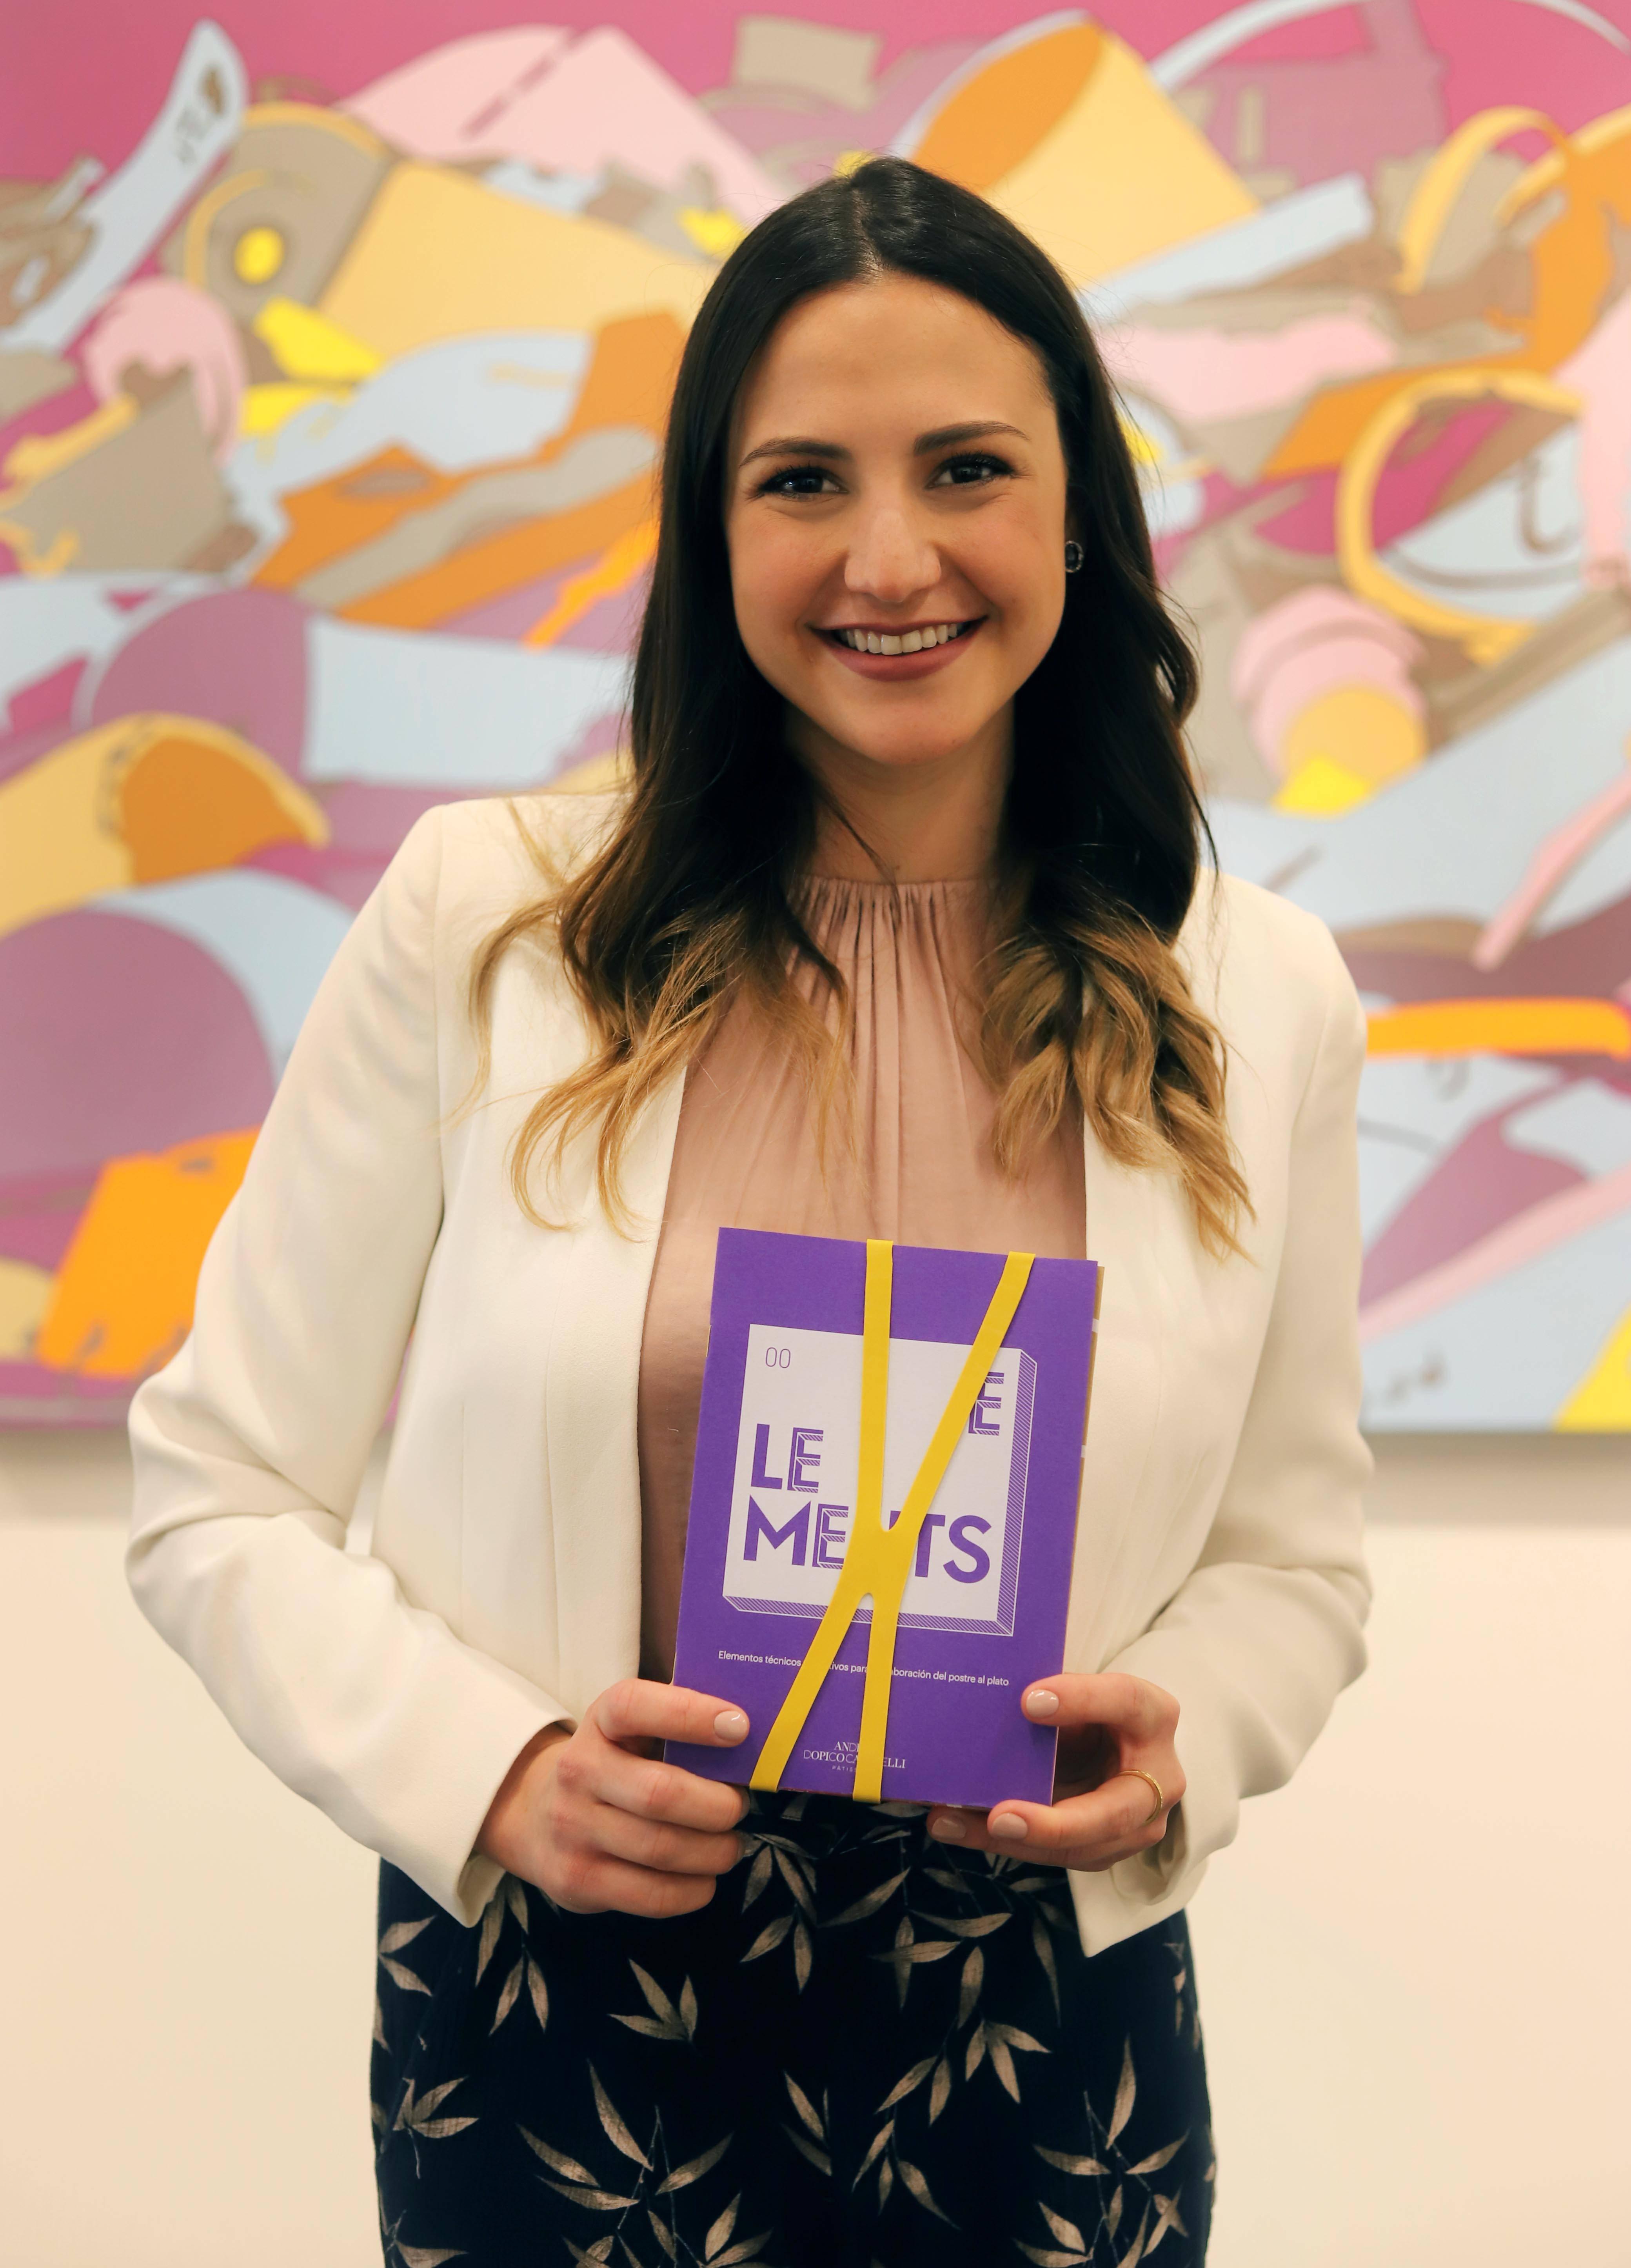 Andrea ha auto-publicado el libro 'ELEMENTS', que ha servido para aumentar su formación docente en varias masterclass de la convocatoria 2018-2019.